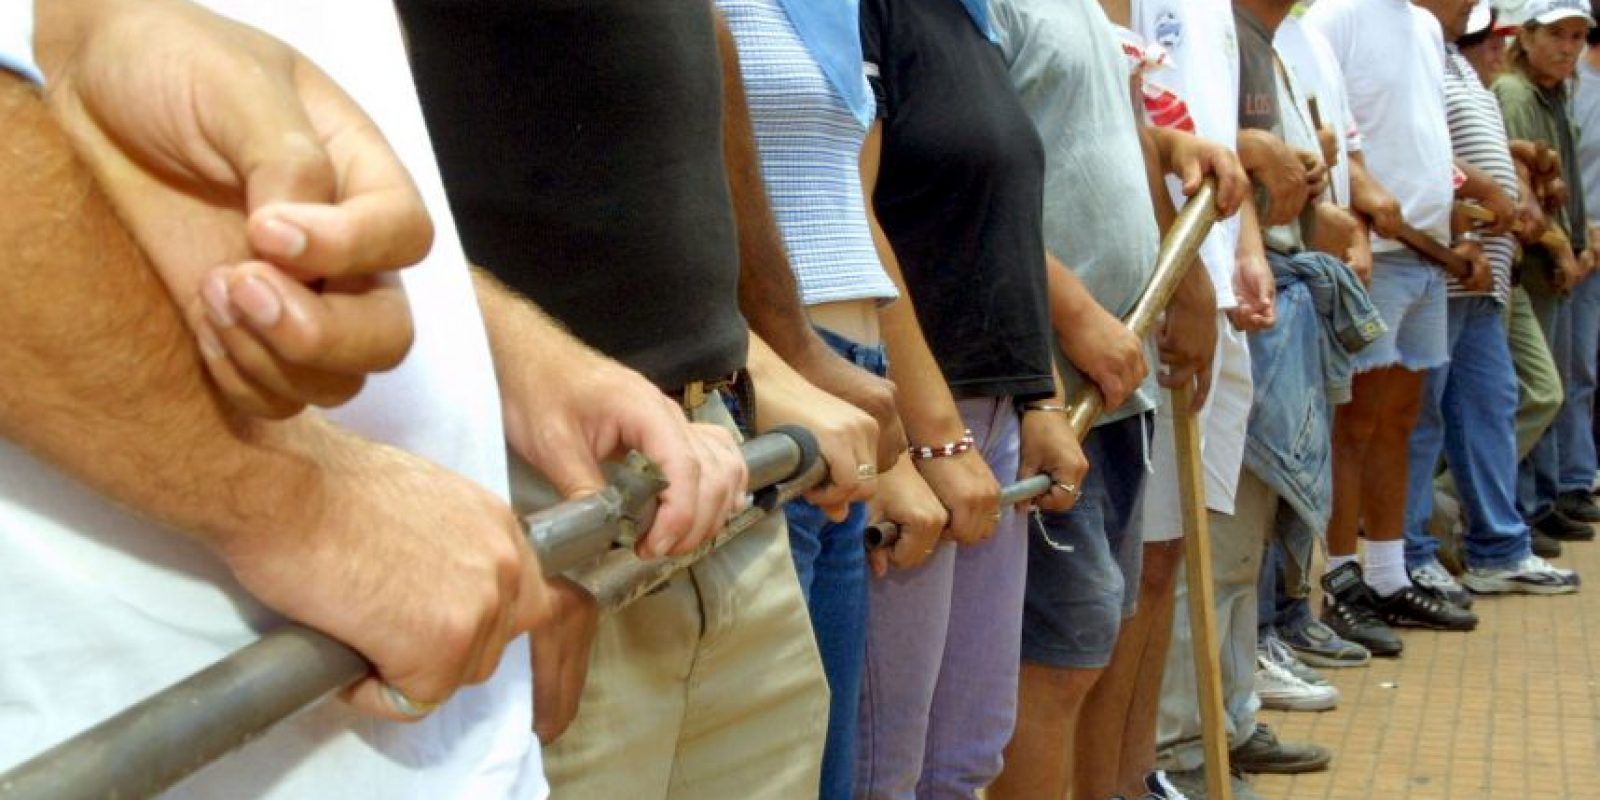 El grupo de padres de familia decidió actuar después de que el profesor se considerara un sospechosos. Foto:Getty Images